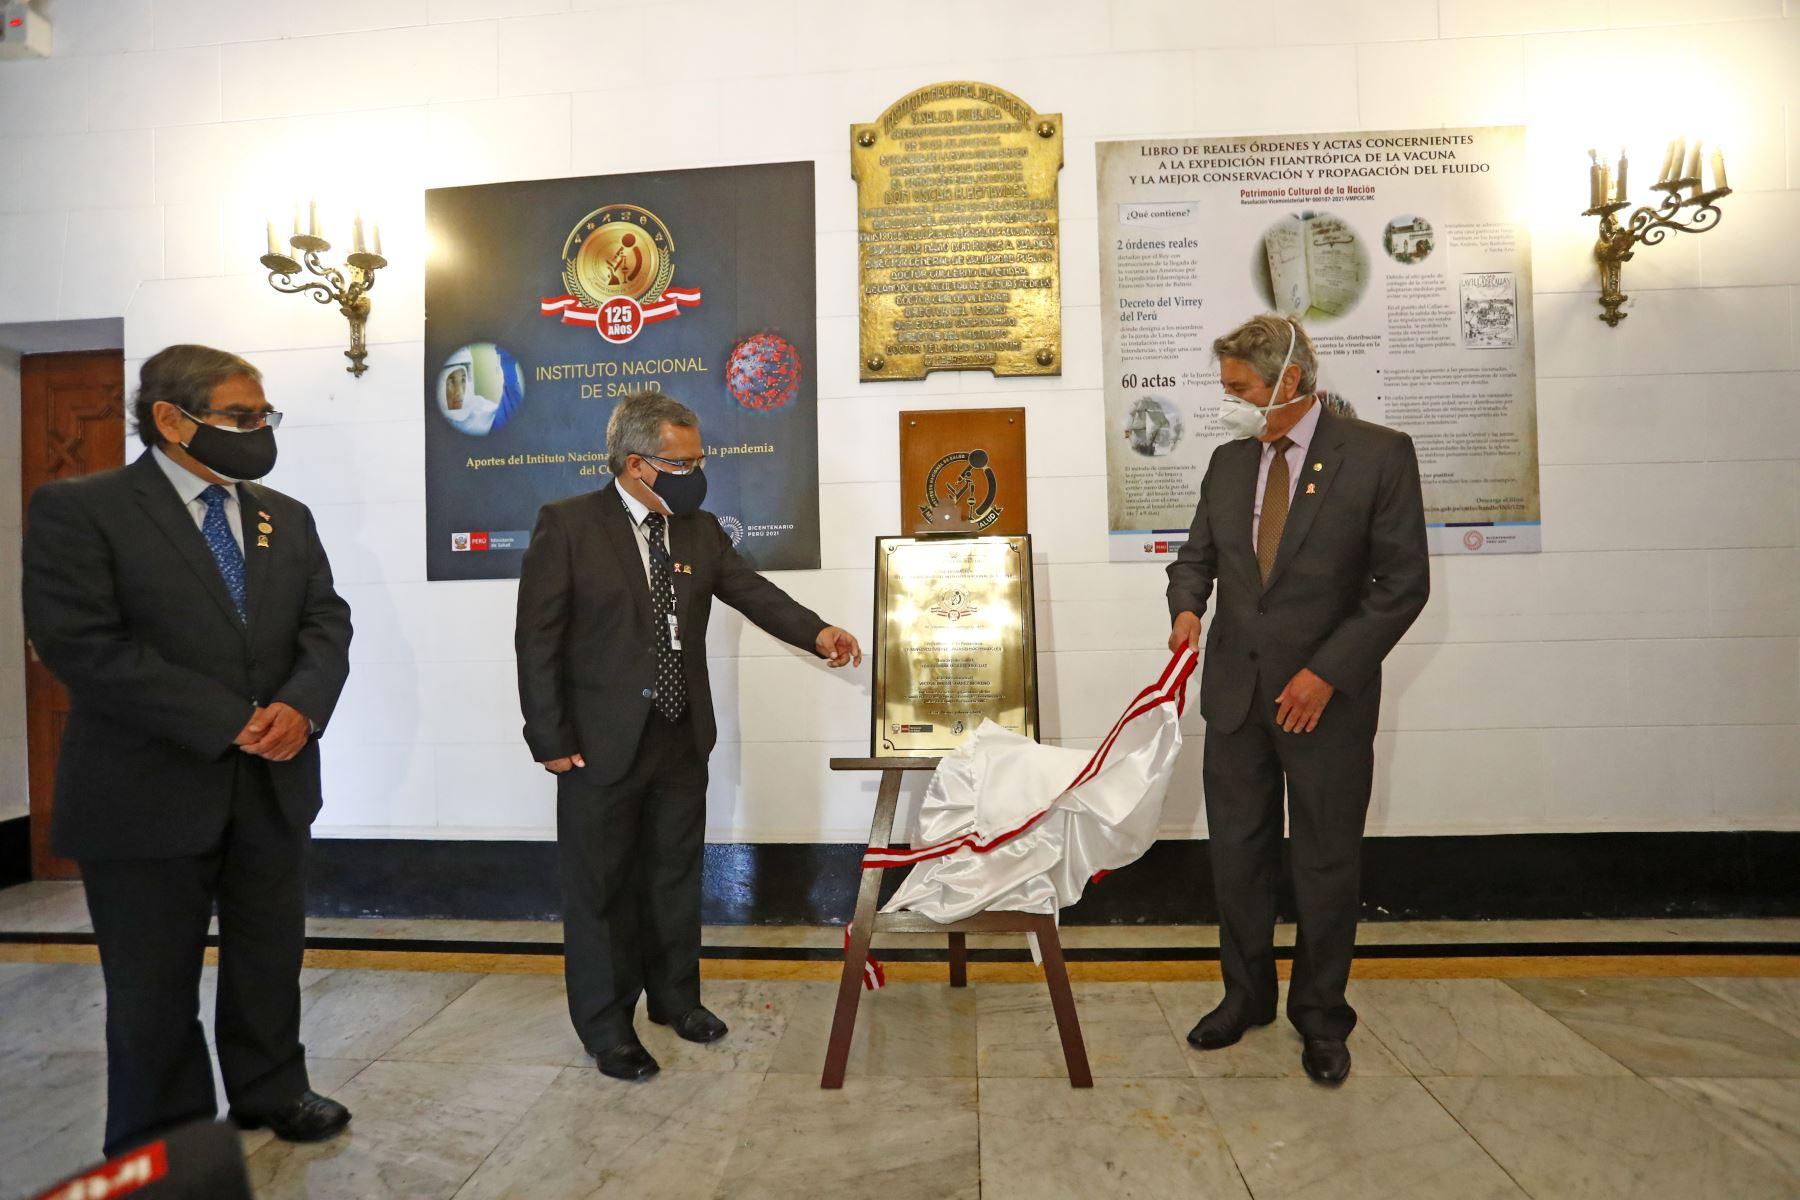 El Presidente Francisco Sagasti, junto con el titular del Ministerio de Salud , Oscar Ugarte , participa en la ceremonia por el 125º aniversario del Instituto Nacional de Salud . Foto: ANDINA/ Prensa Presidencia